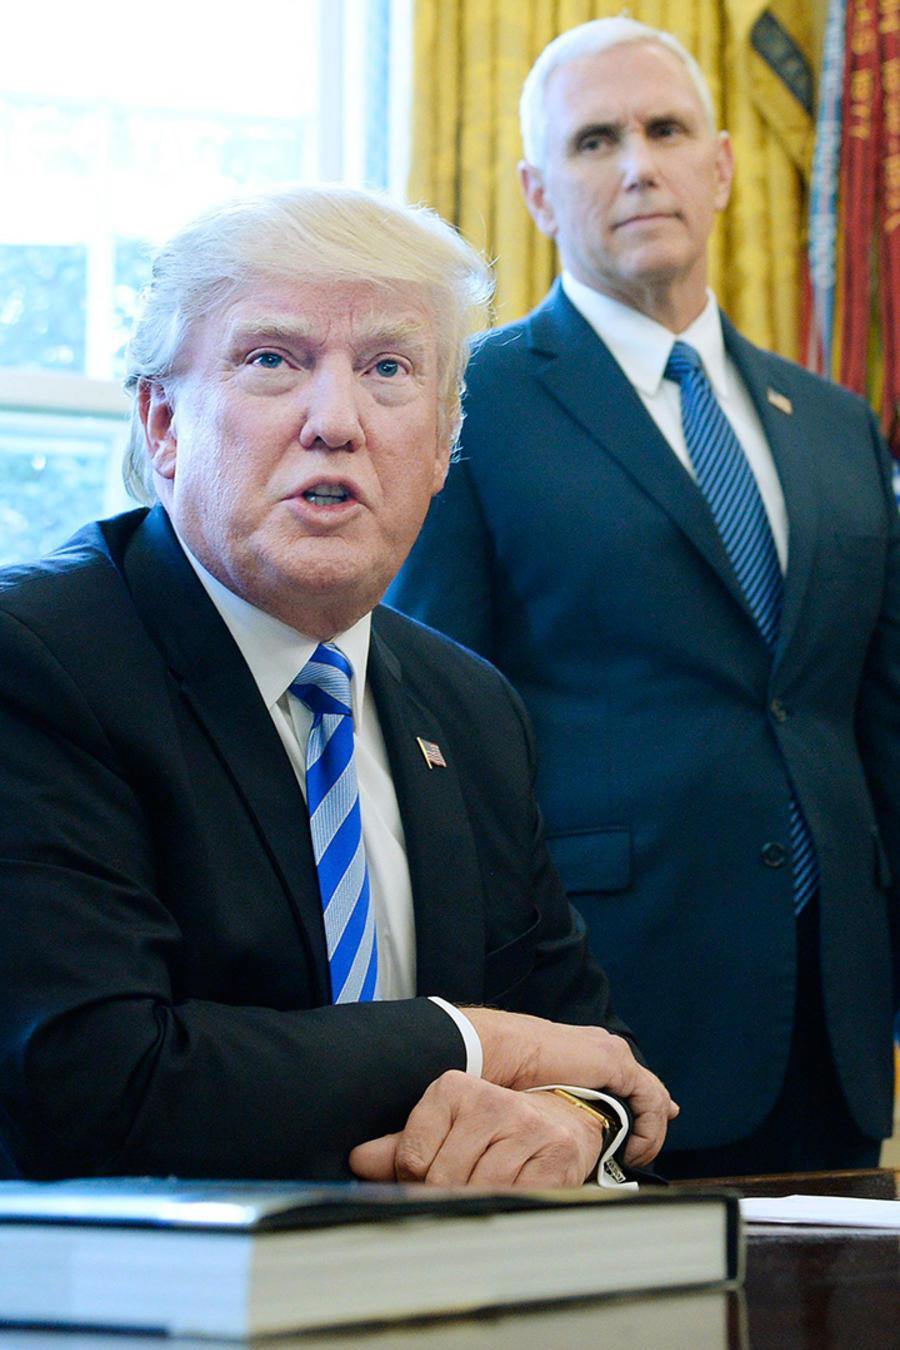 El presidente Donald Trump, acompañado por el vicepresidente Mike Pence, habla después de que la Cámara retirara la legislación sobre la ley de salud el viernes 24 de marzo del 2017